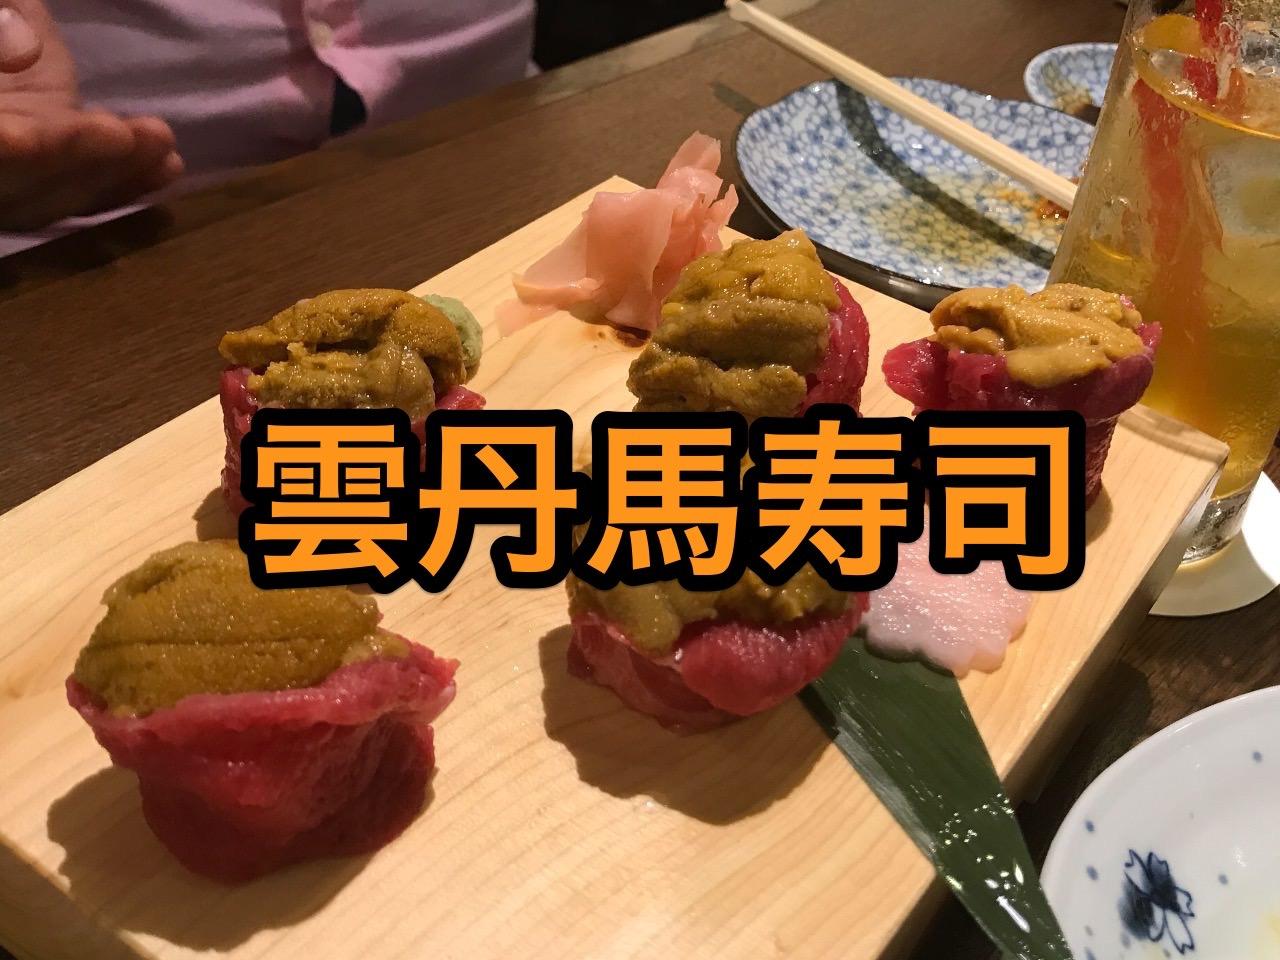 「馬肉酒場 三村 新宿西口店」馬!雲丹!コラボ寿司が美味からの流しの四元さん